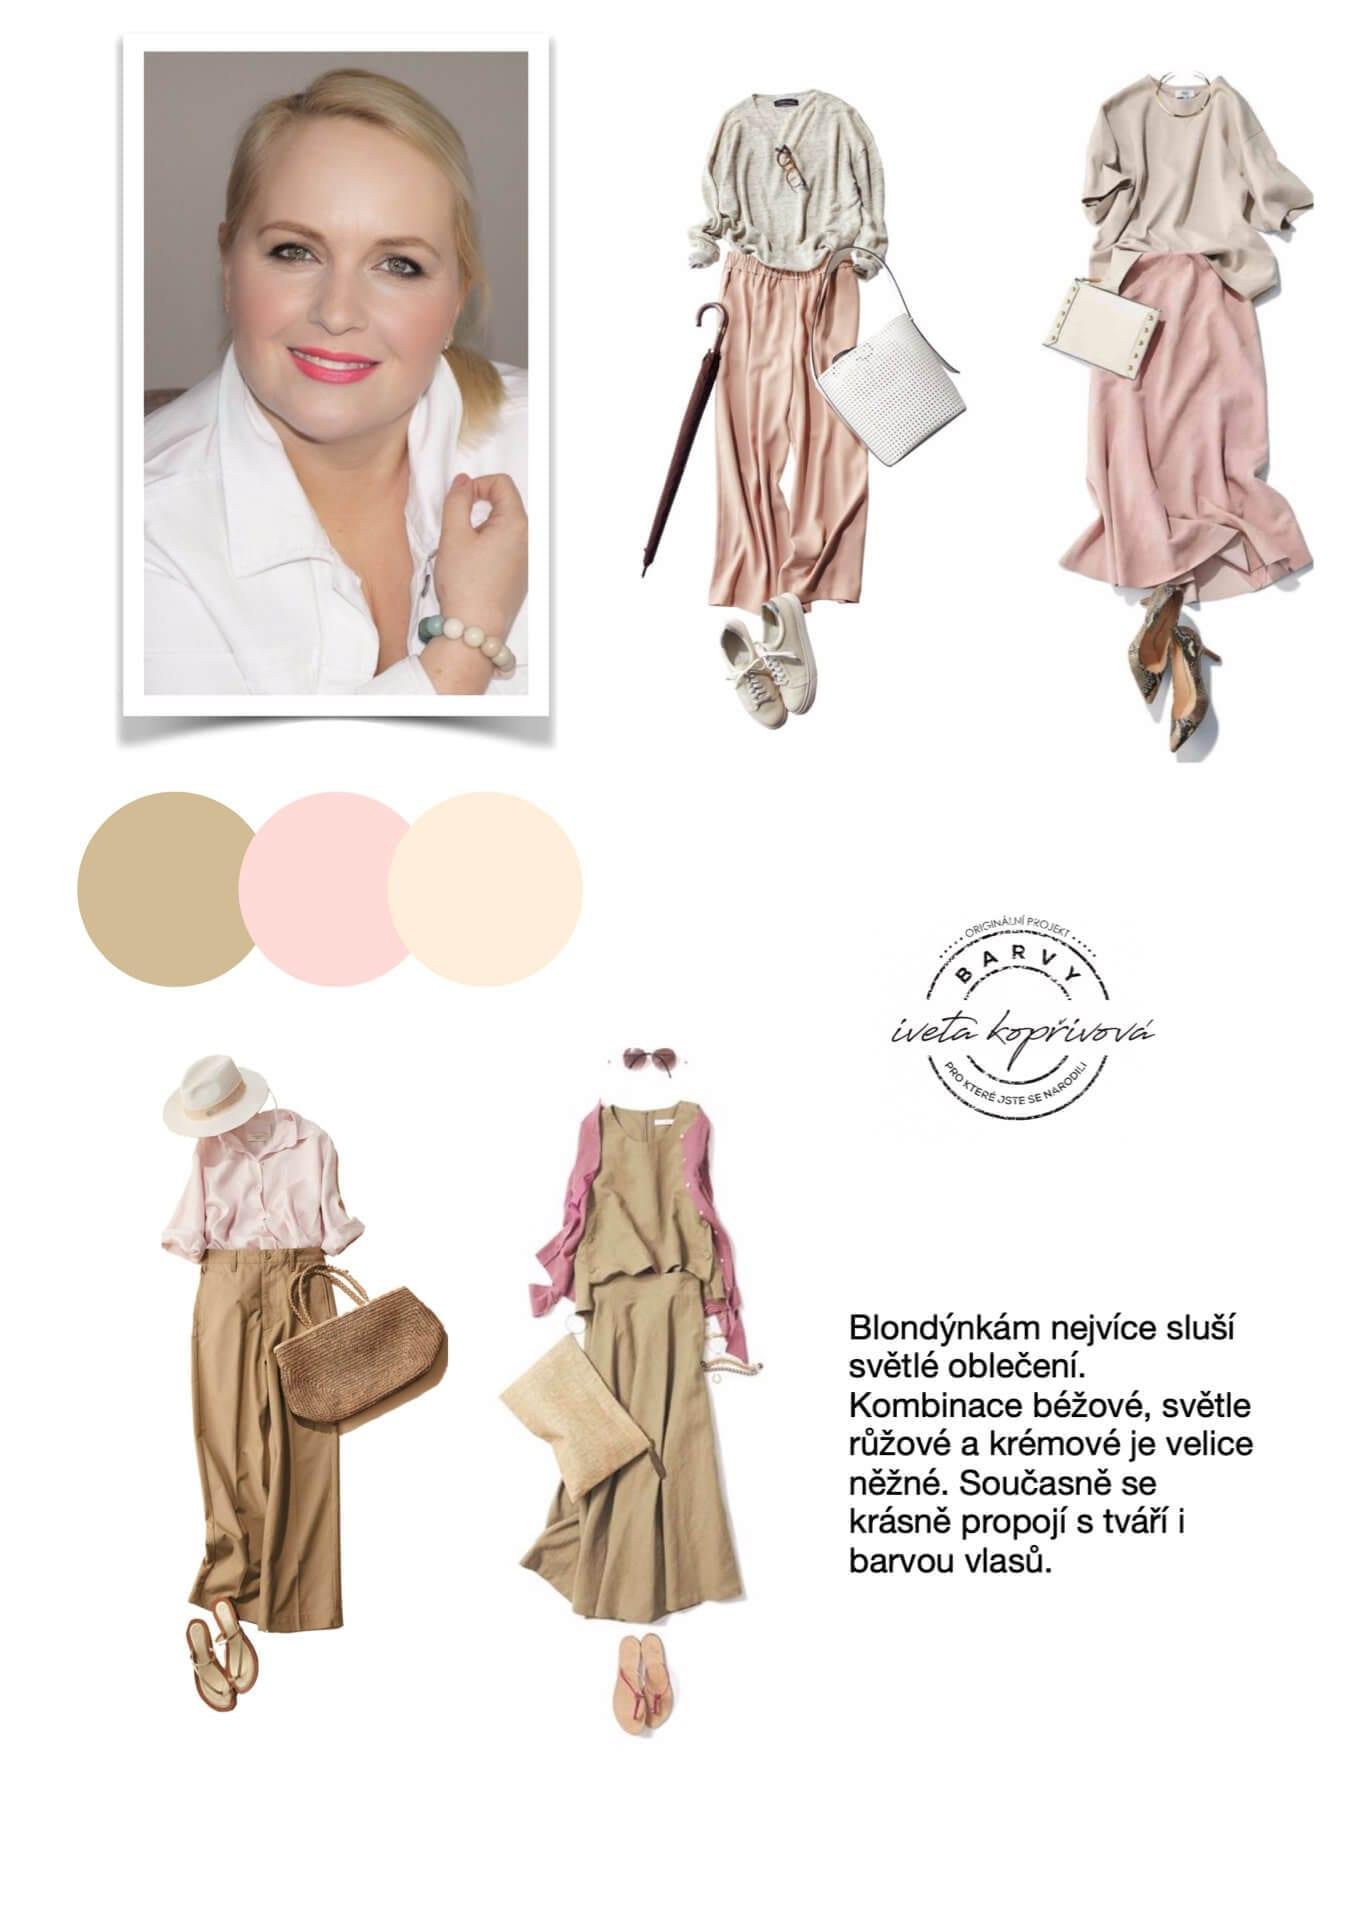 kombinace barev pro blondyny